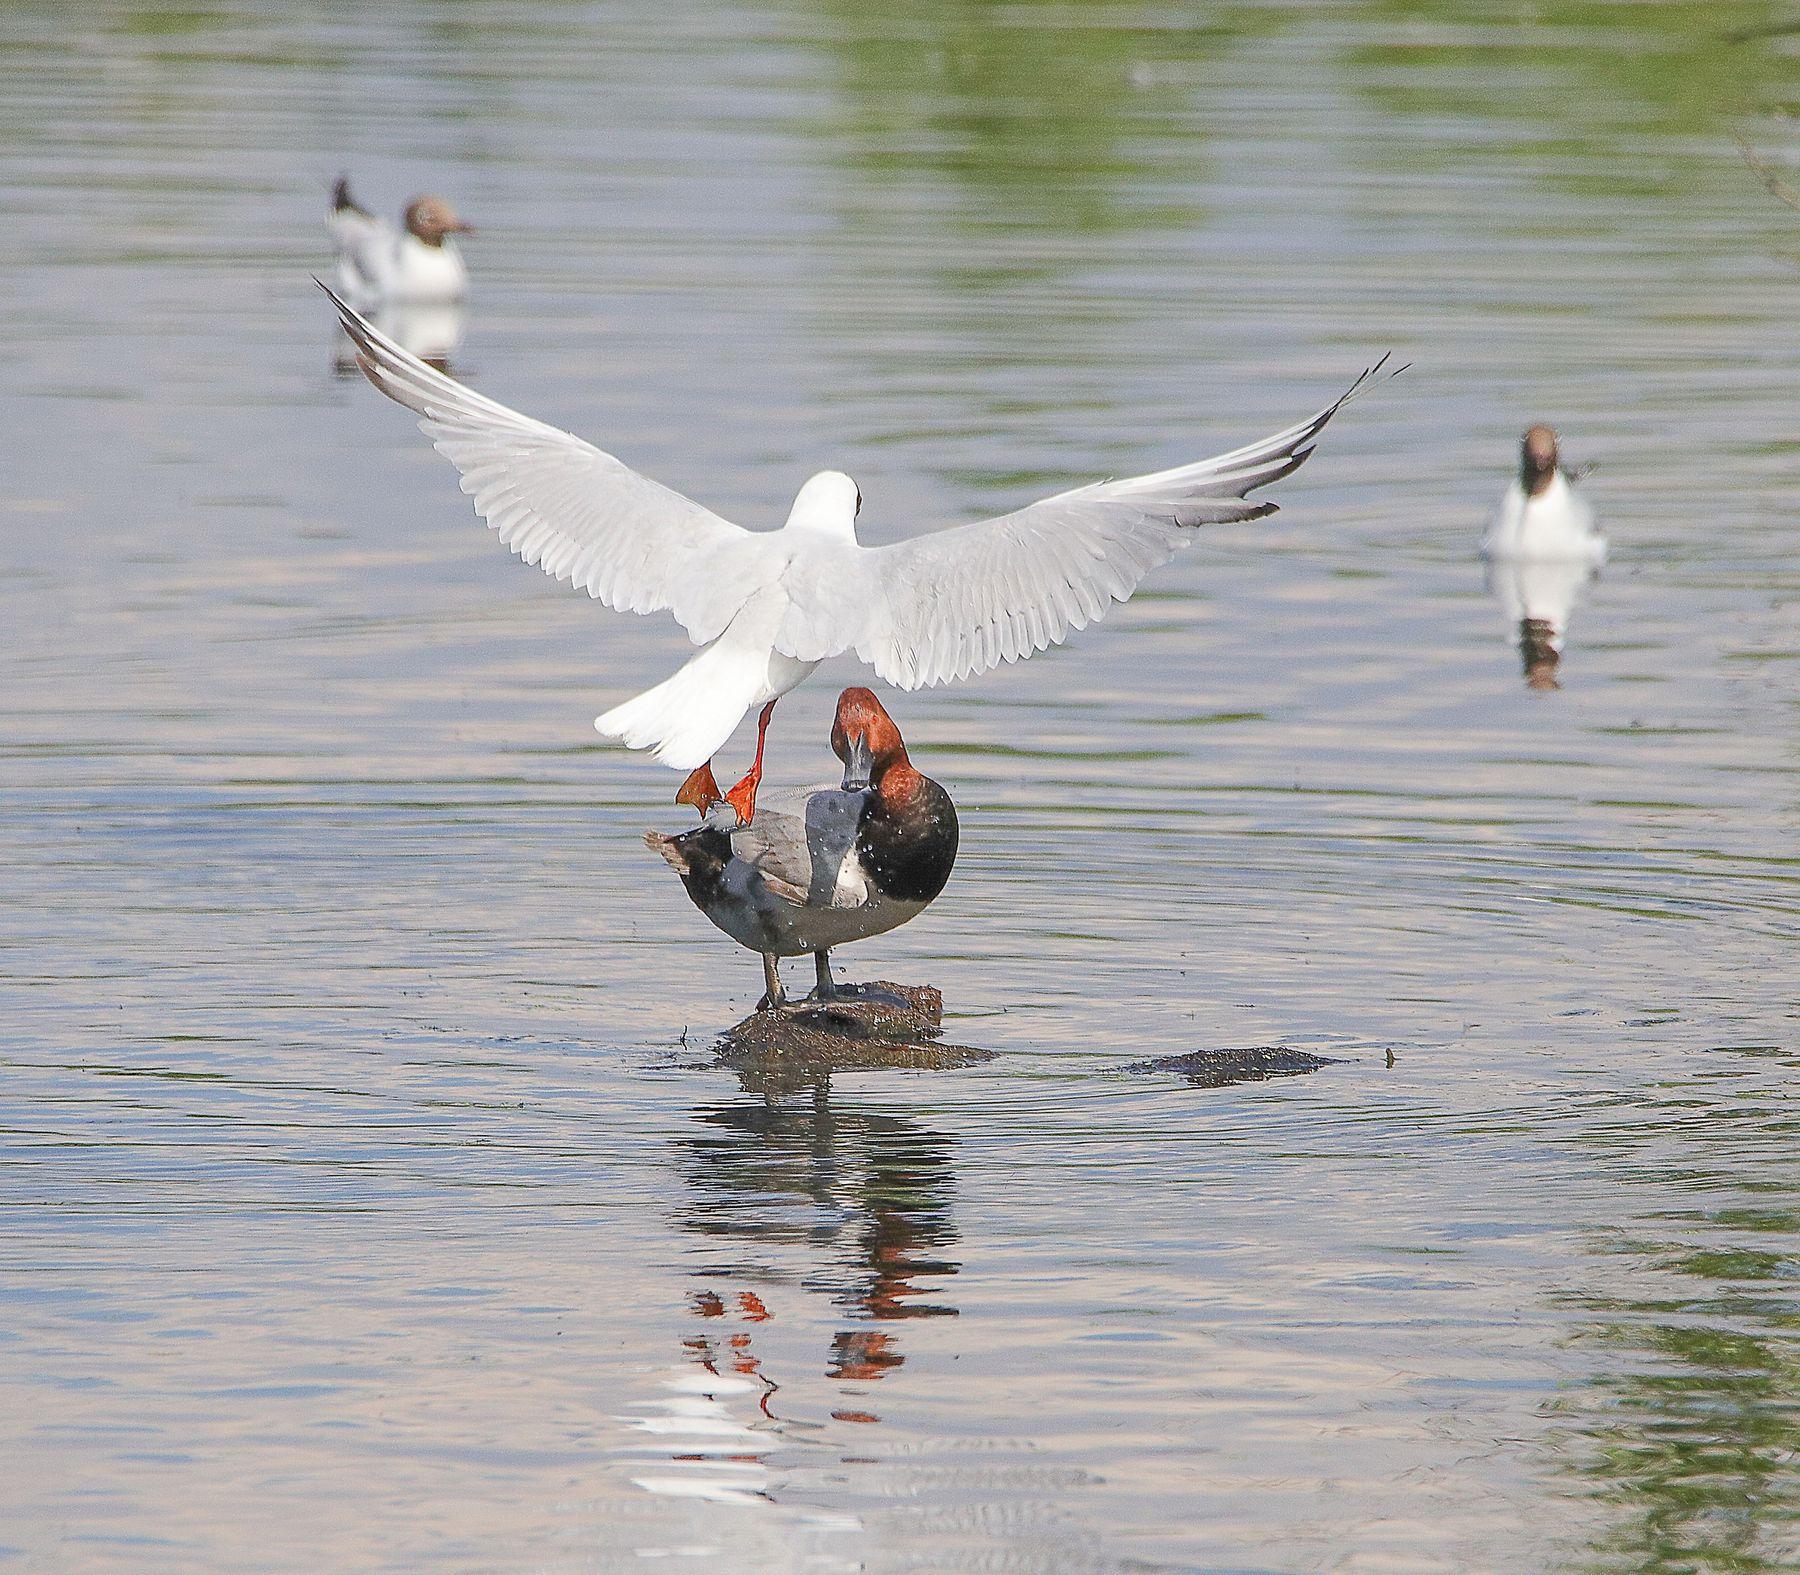 борьба за кочку птицы водоплавающие красноголовый нырок чайка